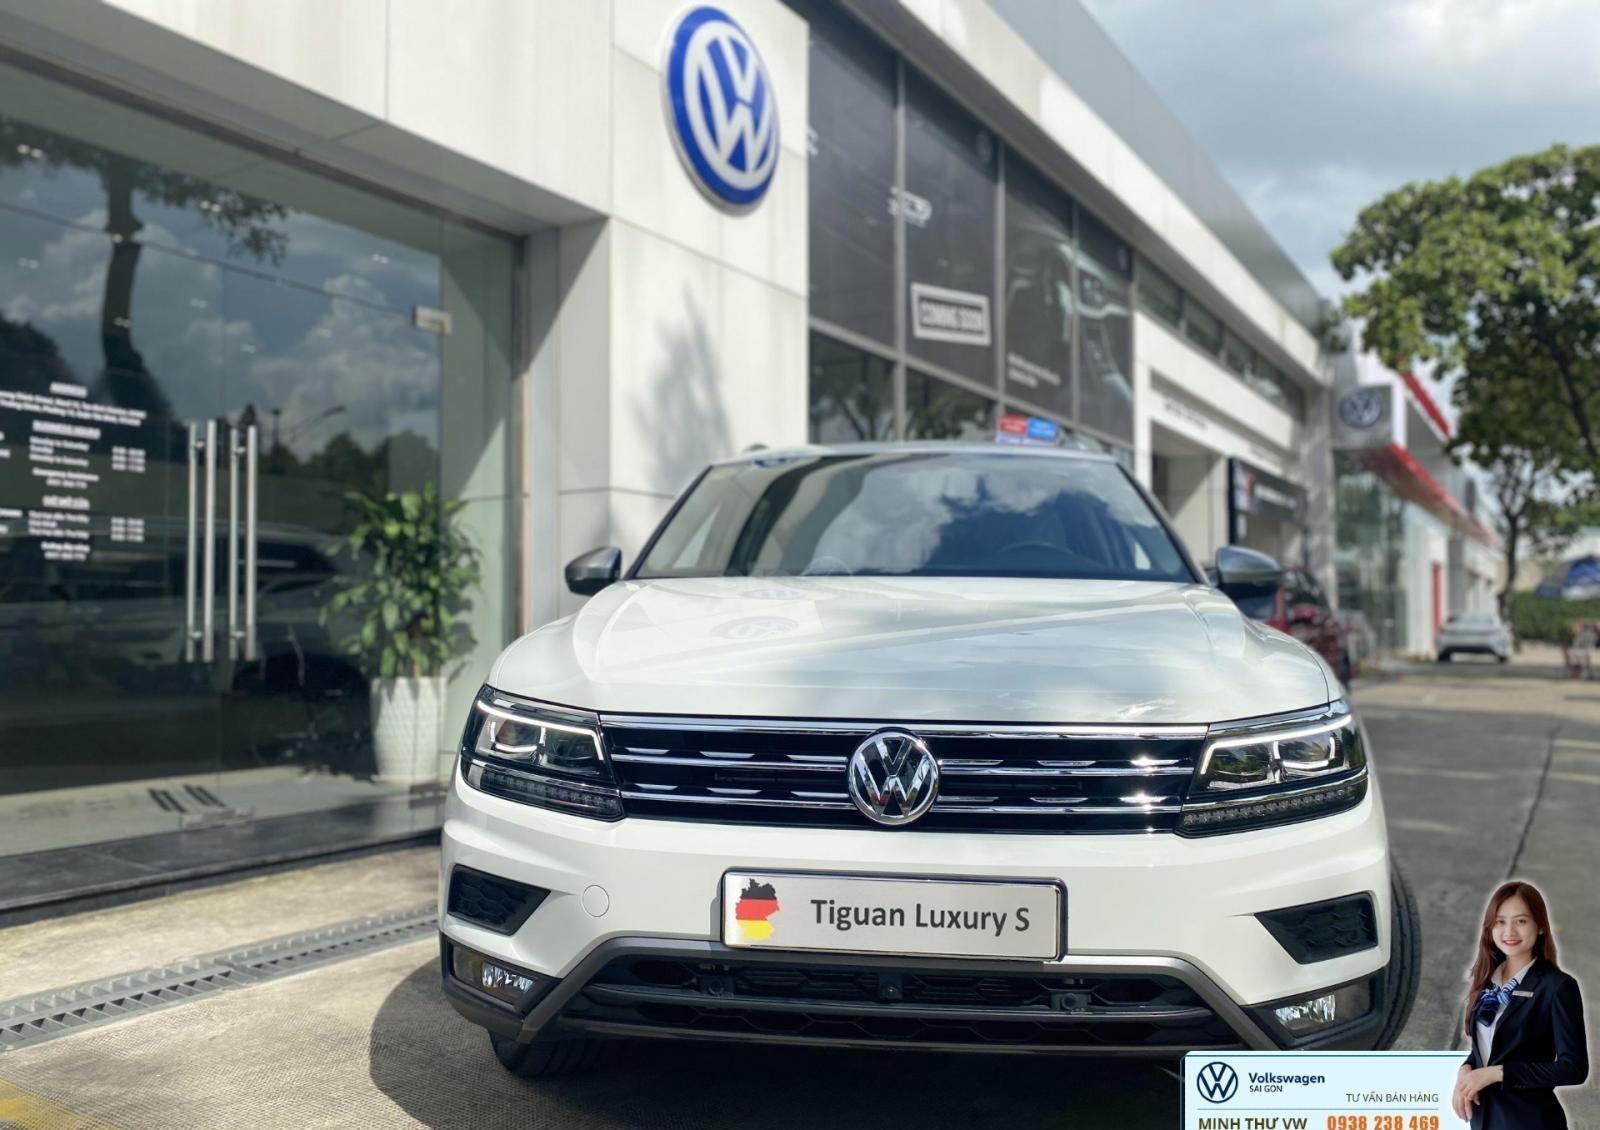 Bán Volkswagen Tiguan Luxury S màu trắng - Phiên bản Offroad - Giá tốt tháng ngâu (8)